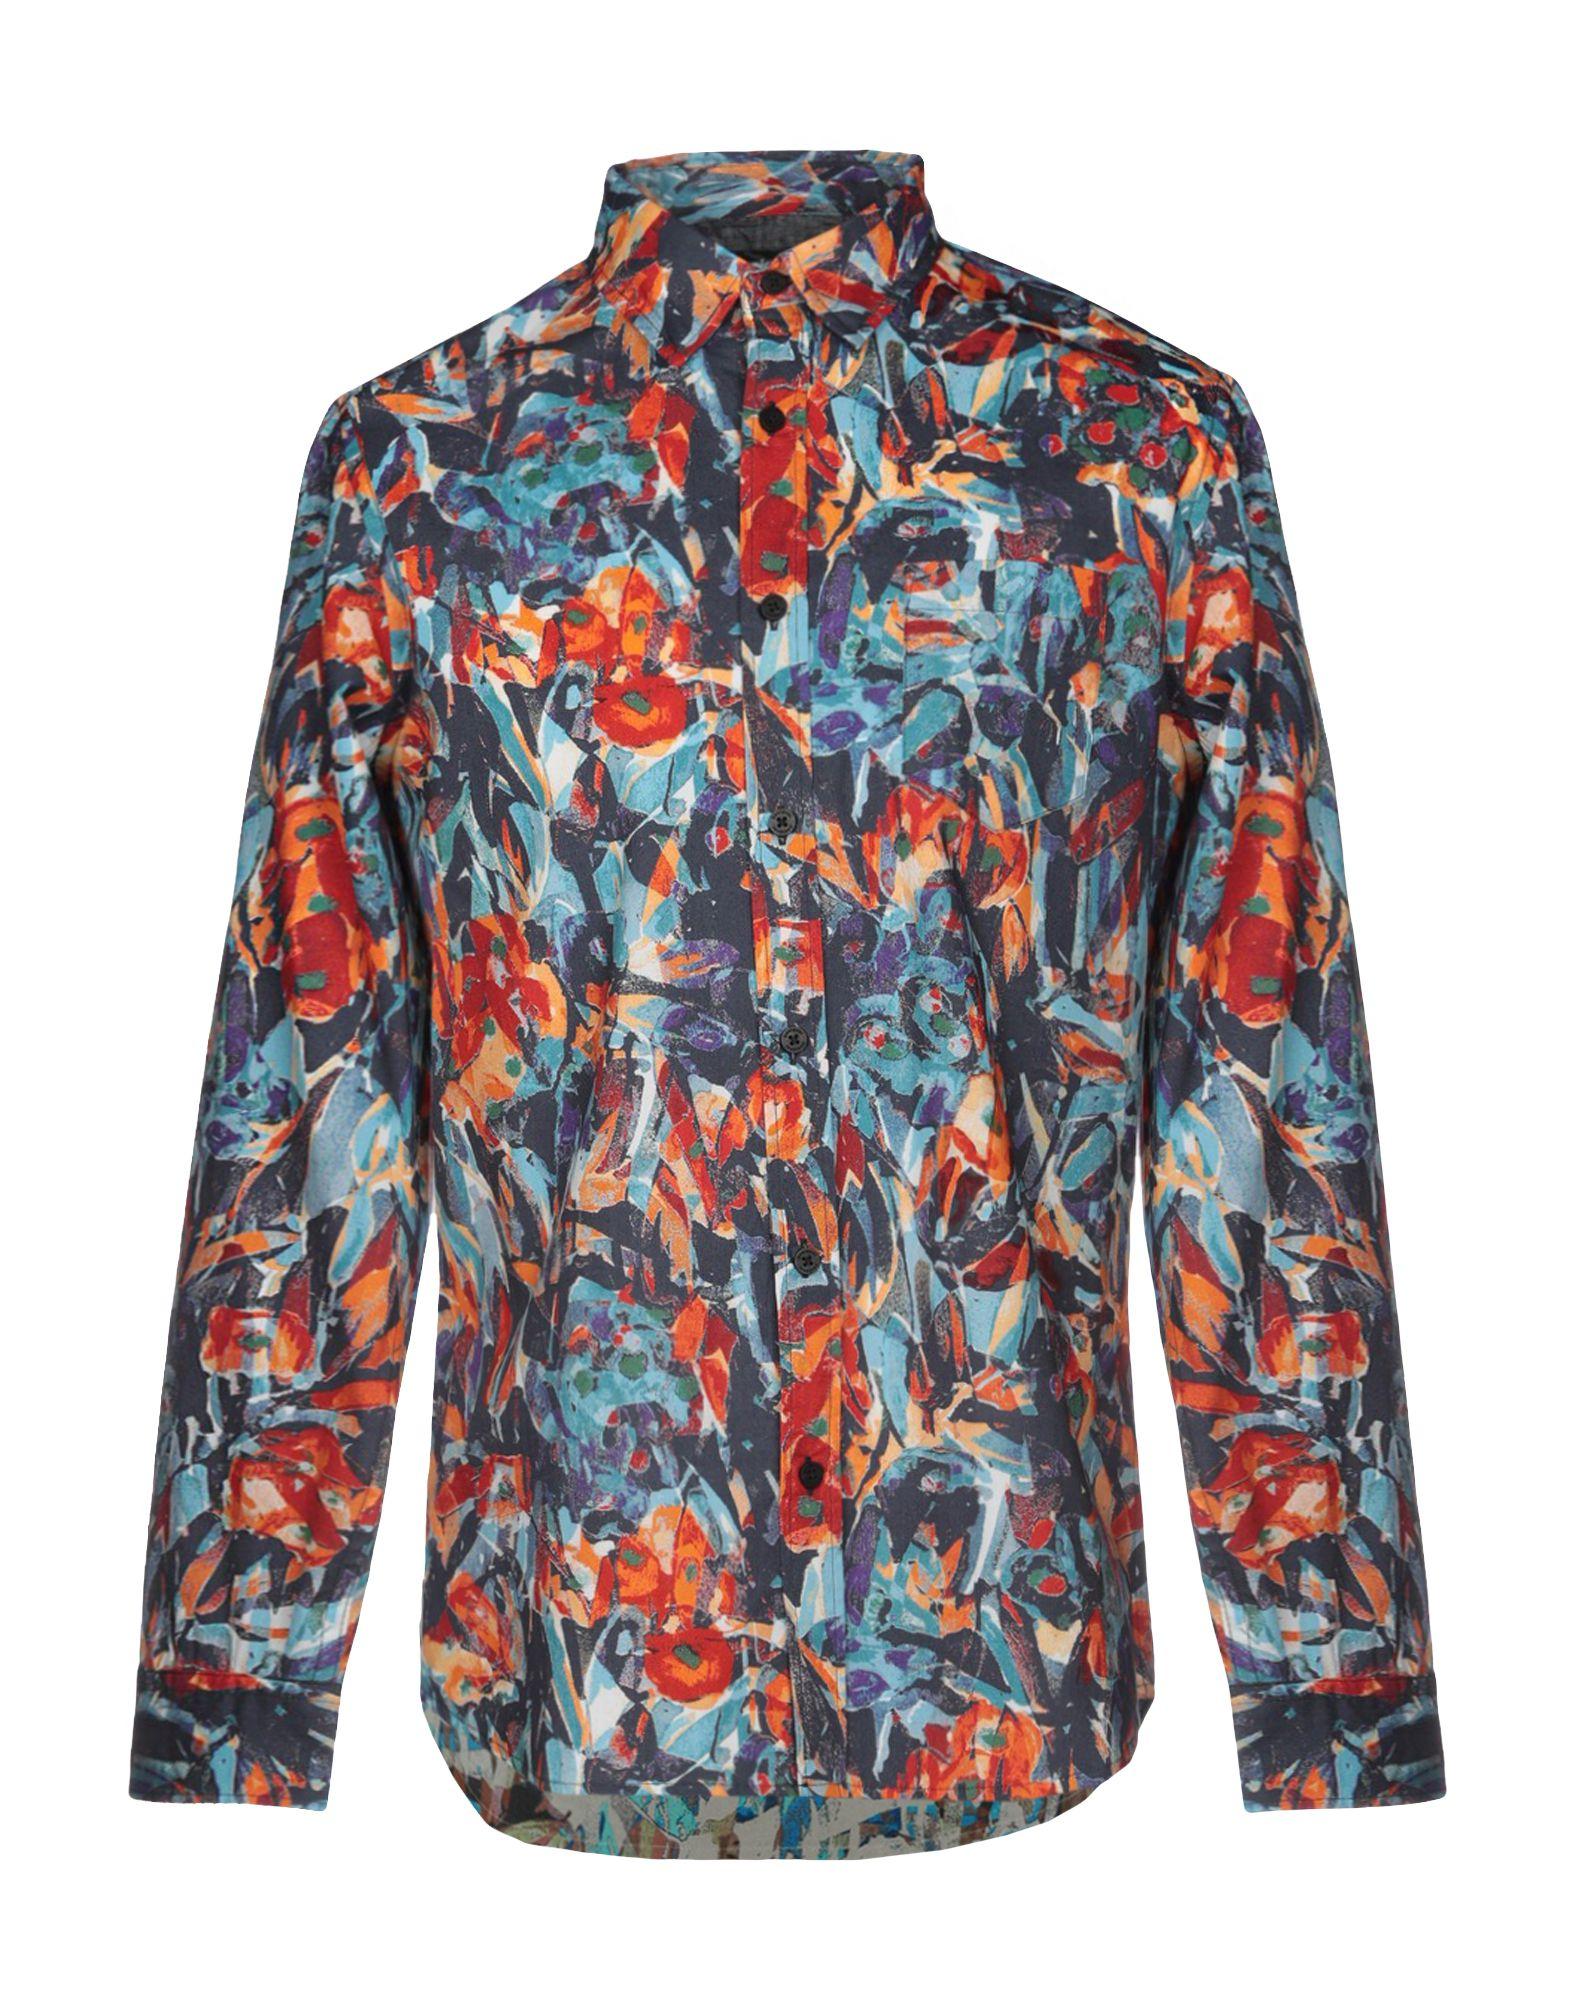 《送料無料》DESIGUAL メンズ シャツ ブルー S コットン 100%